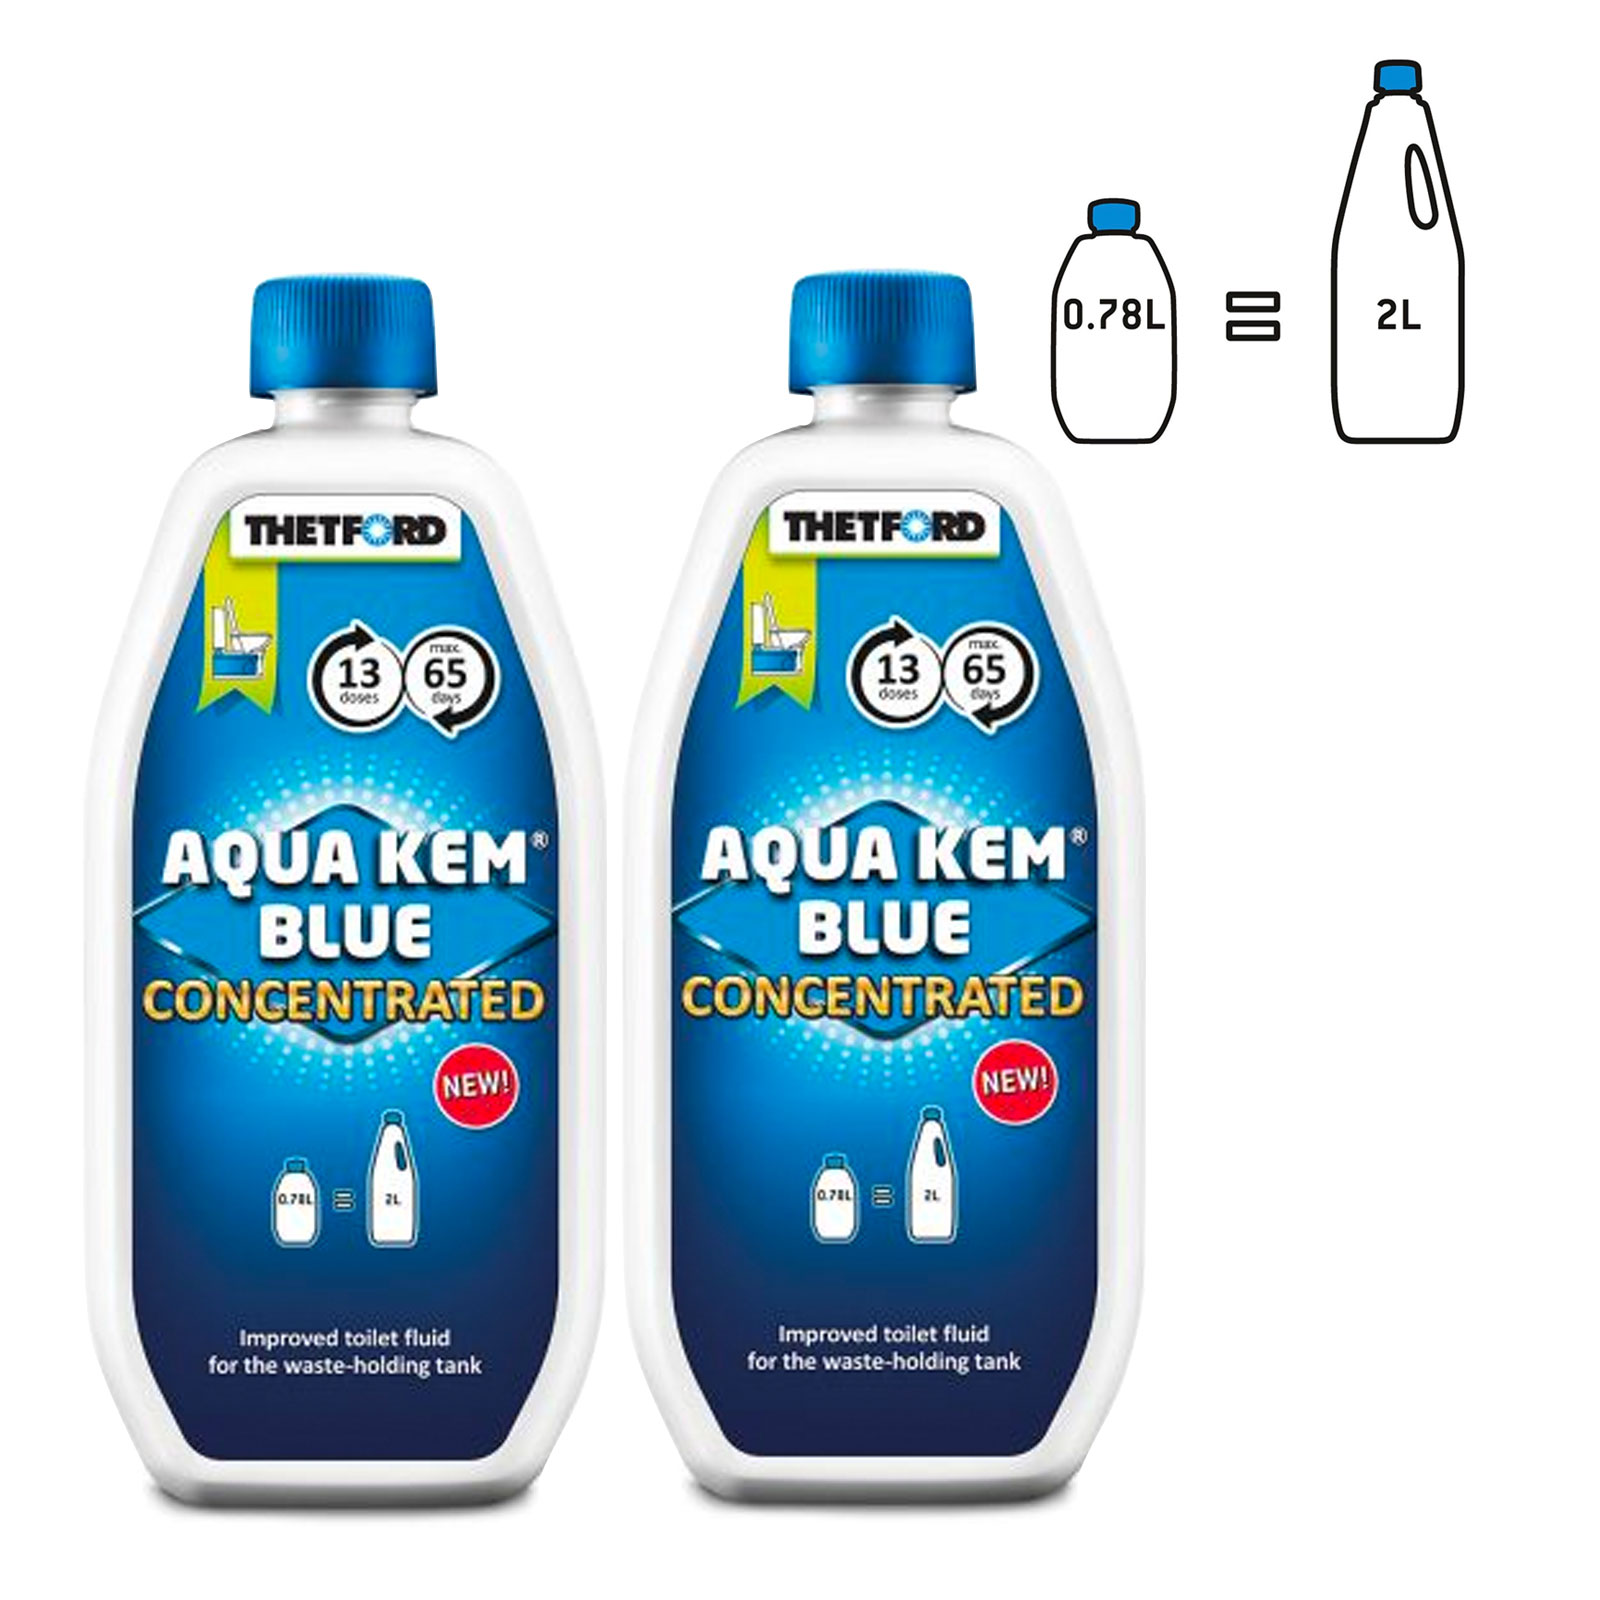 2x Thetford Aqua Kem Blue Toiletten Zusatz für Abwasserbehälter 0,78l Konzentrat